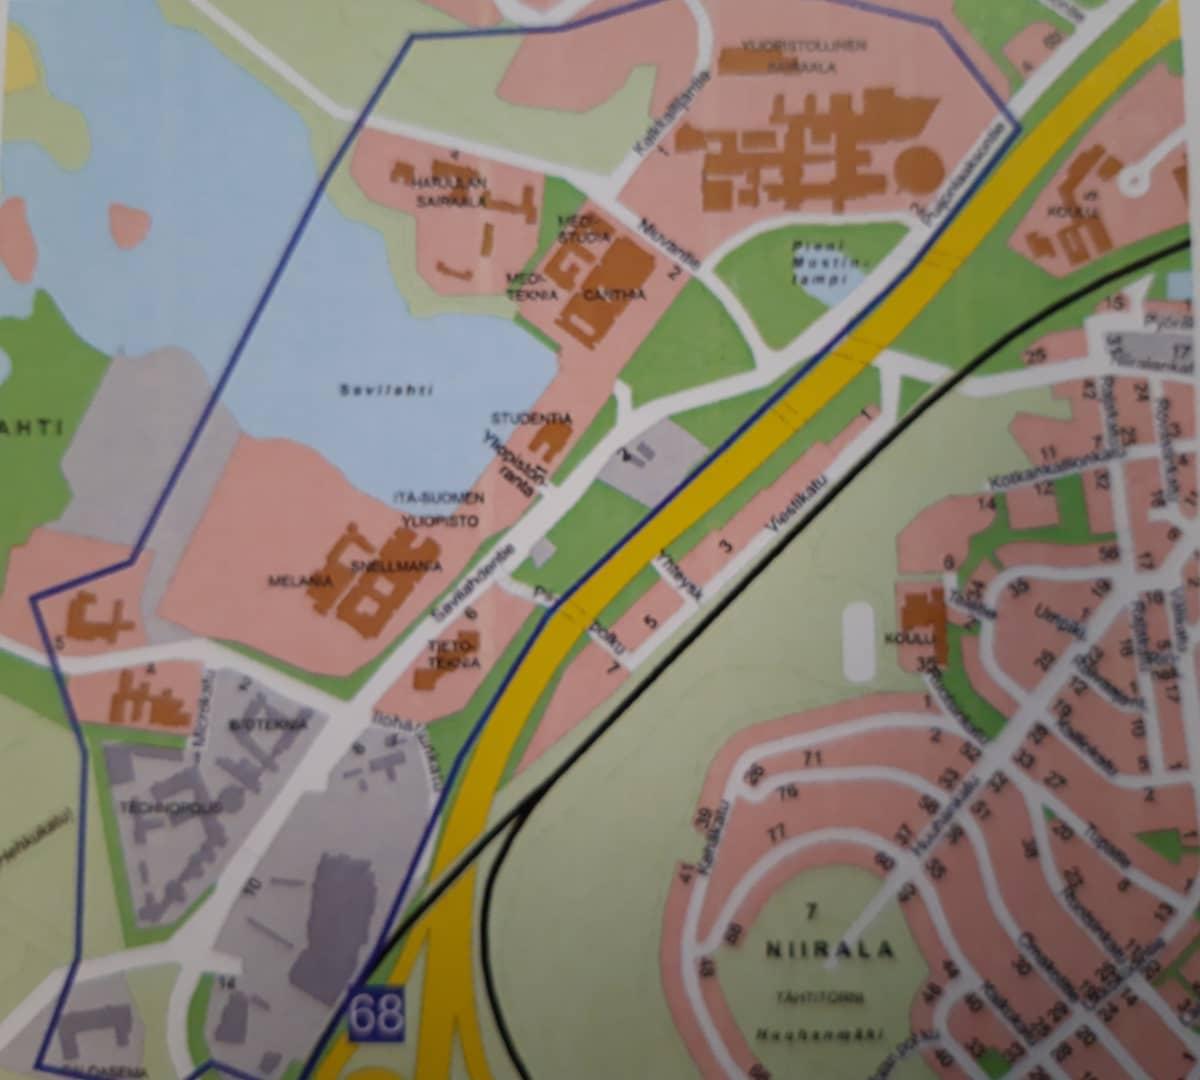 Mahdollinen häiriöalue on merkitty liitteessä olevaan karttaan.